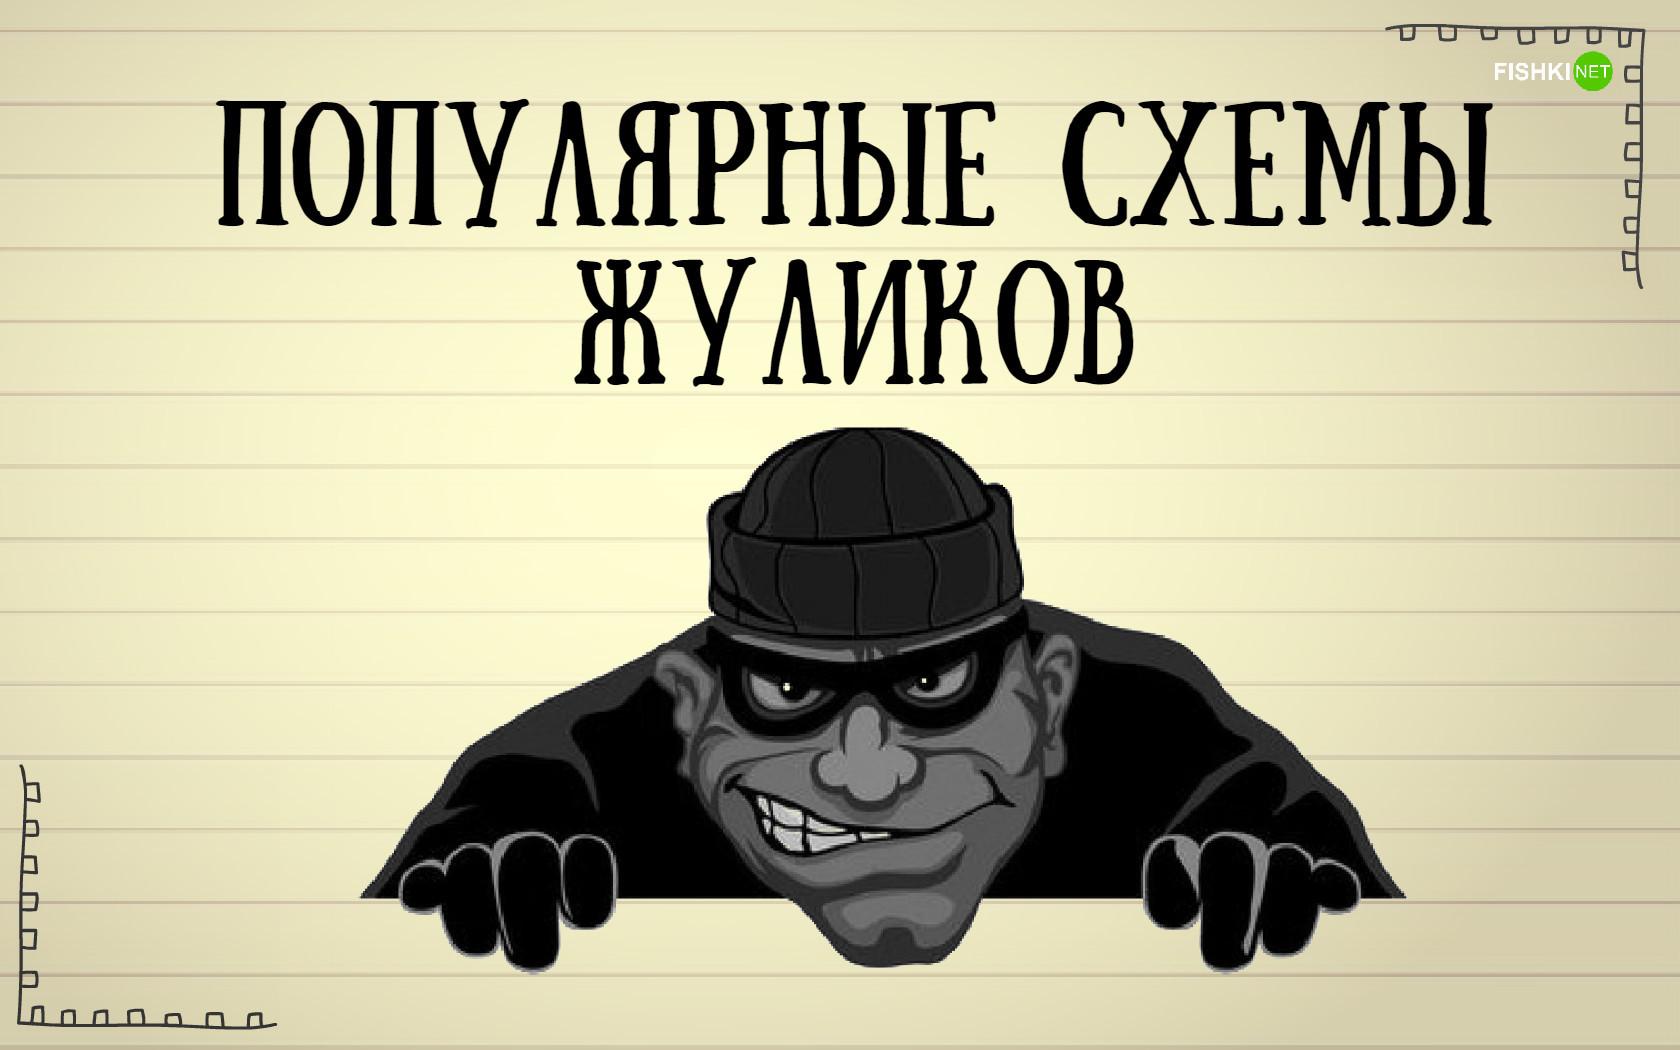 http://cdn.fishki.net/upload/post/201510/19/1703463/2e0924b6b5100056a09adf6ac1d8fe45.jpg